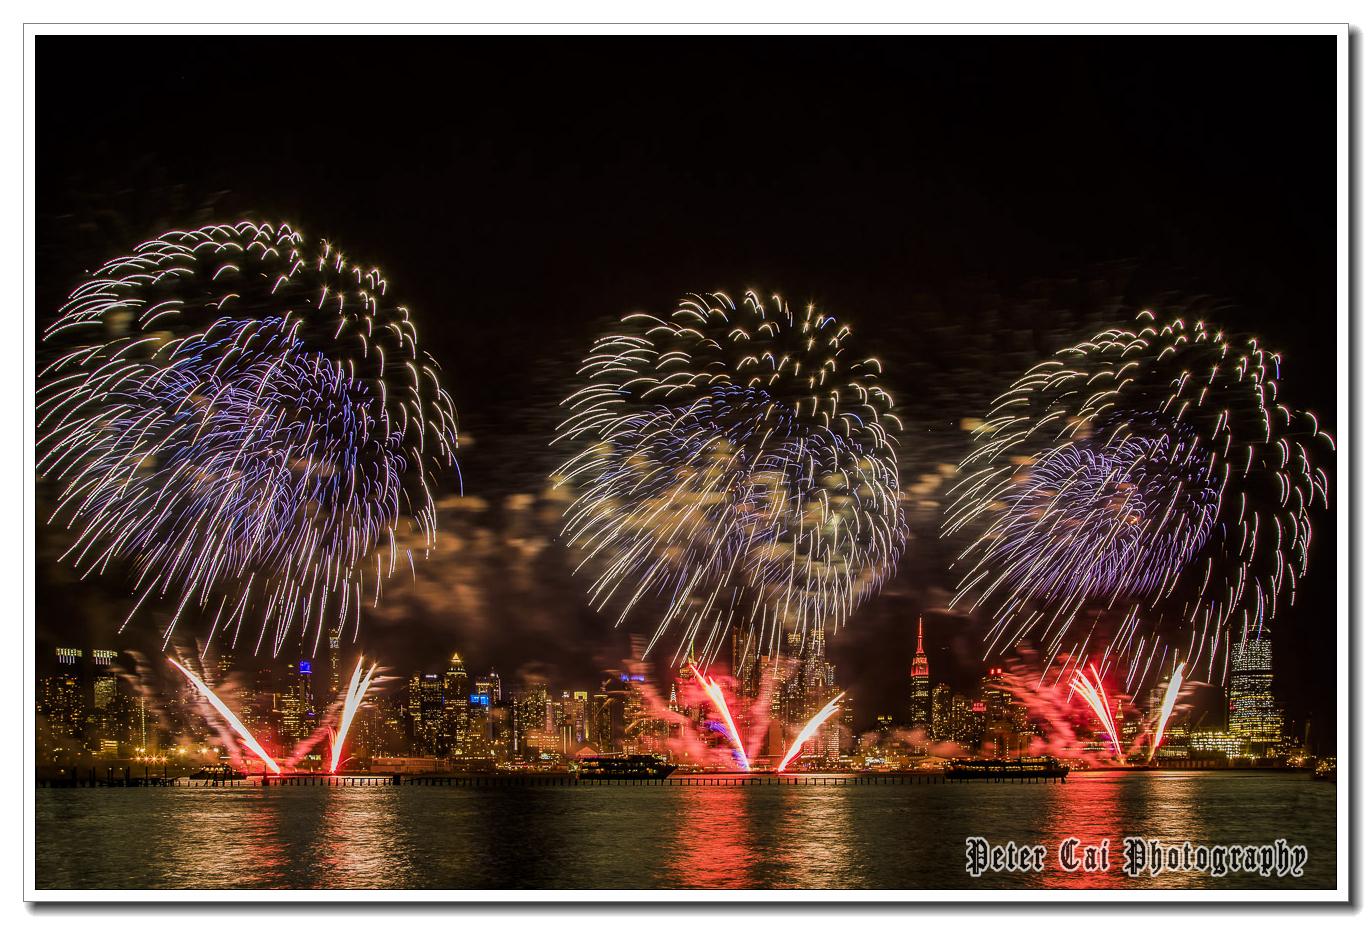 昨晚纽约施放焰火来庆祝中国猴年_图1-11